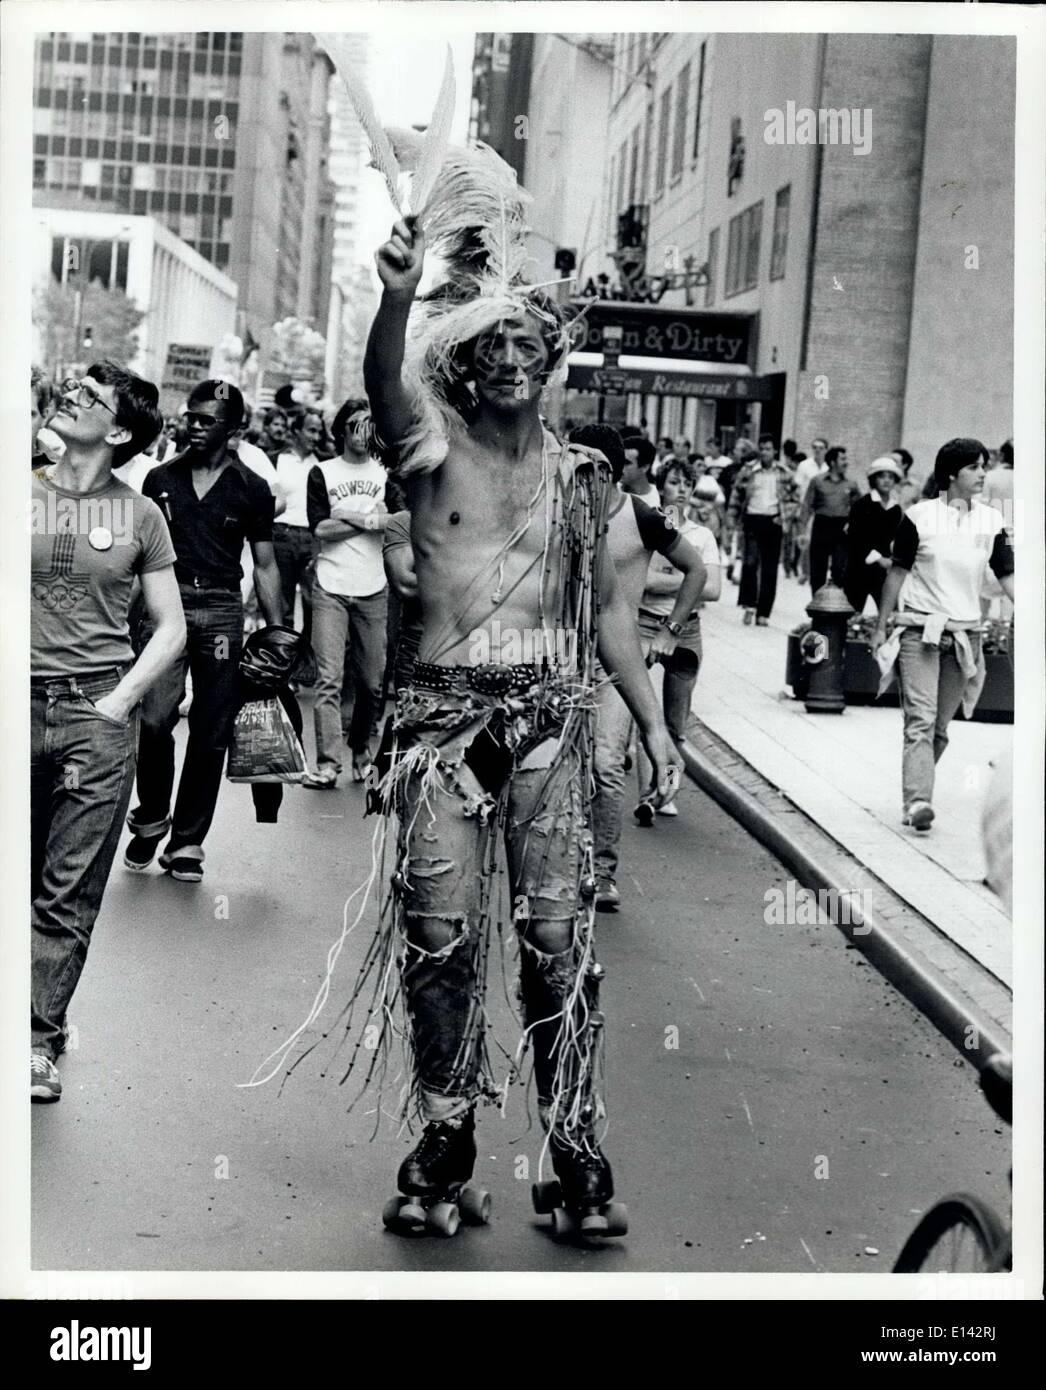 Abril 04, 2012 - la defensa de los derechos de los Homosexuales Demo, N.Y.C. Imagen De Stock